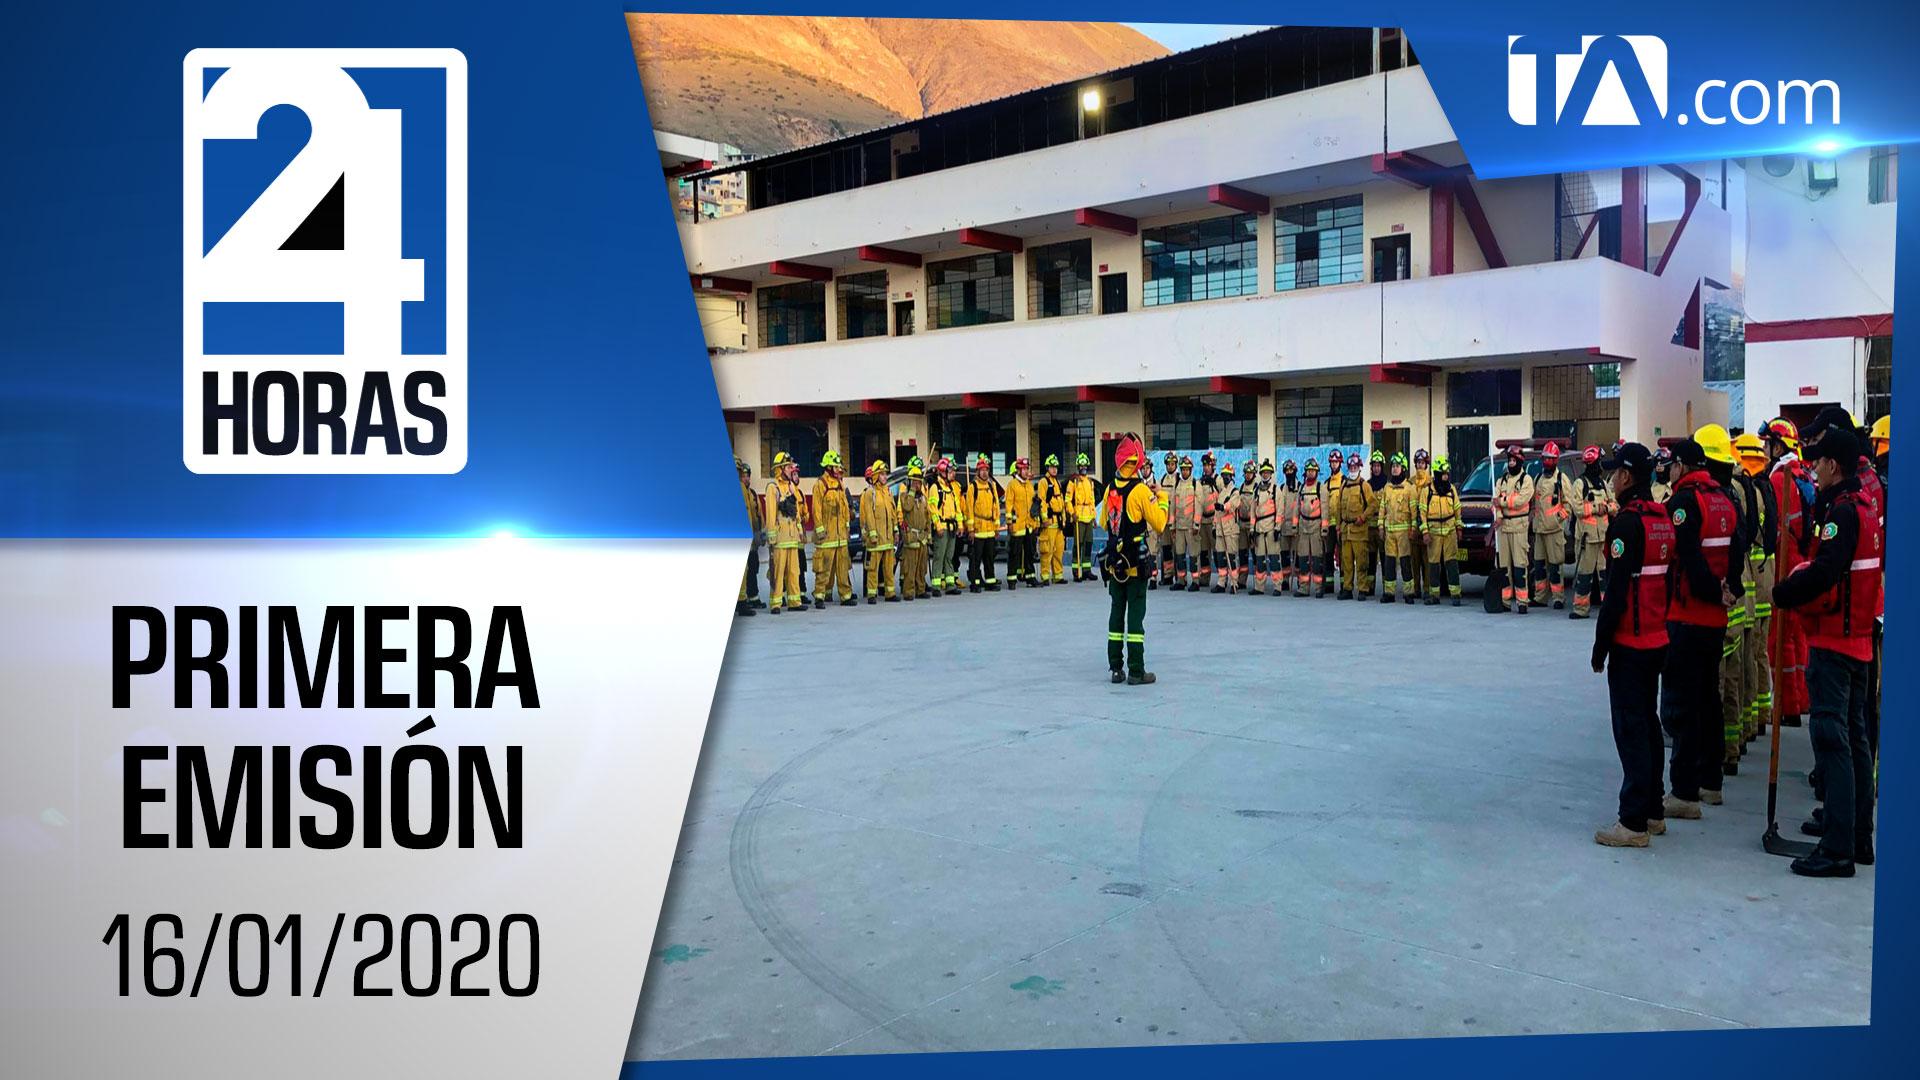 Noticias Ecuador: Noticiero 24 Horas 16/01/2020 (Primera Emisión)